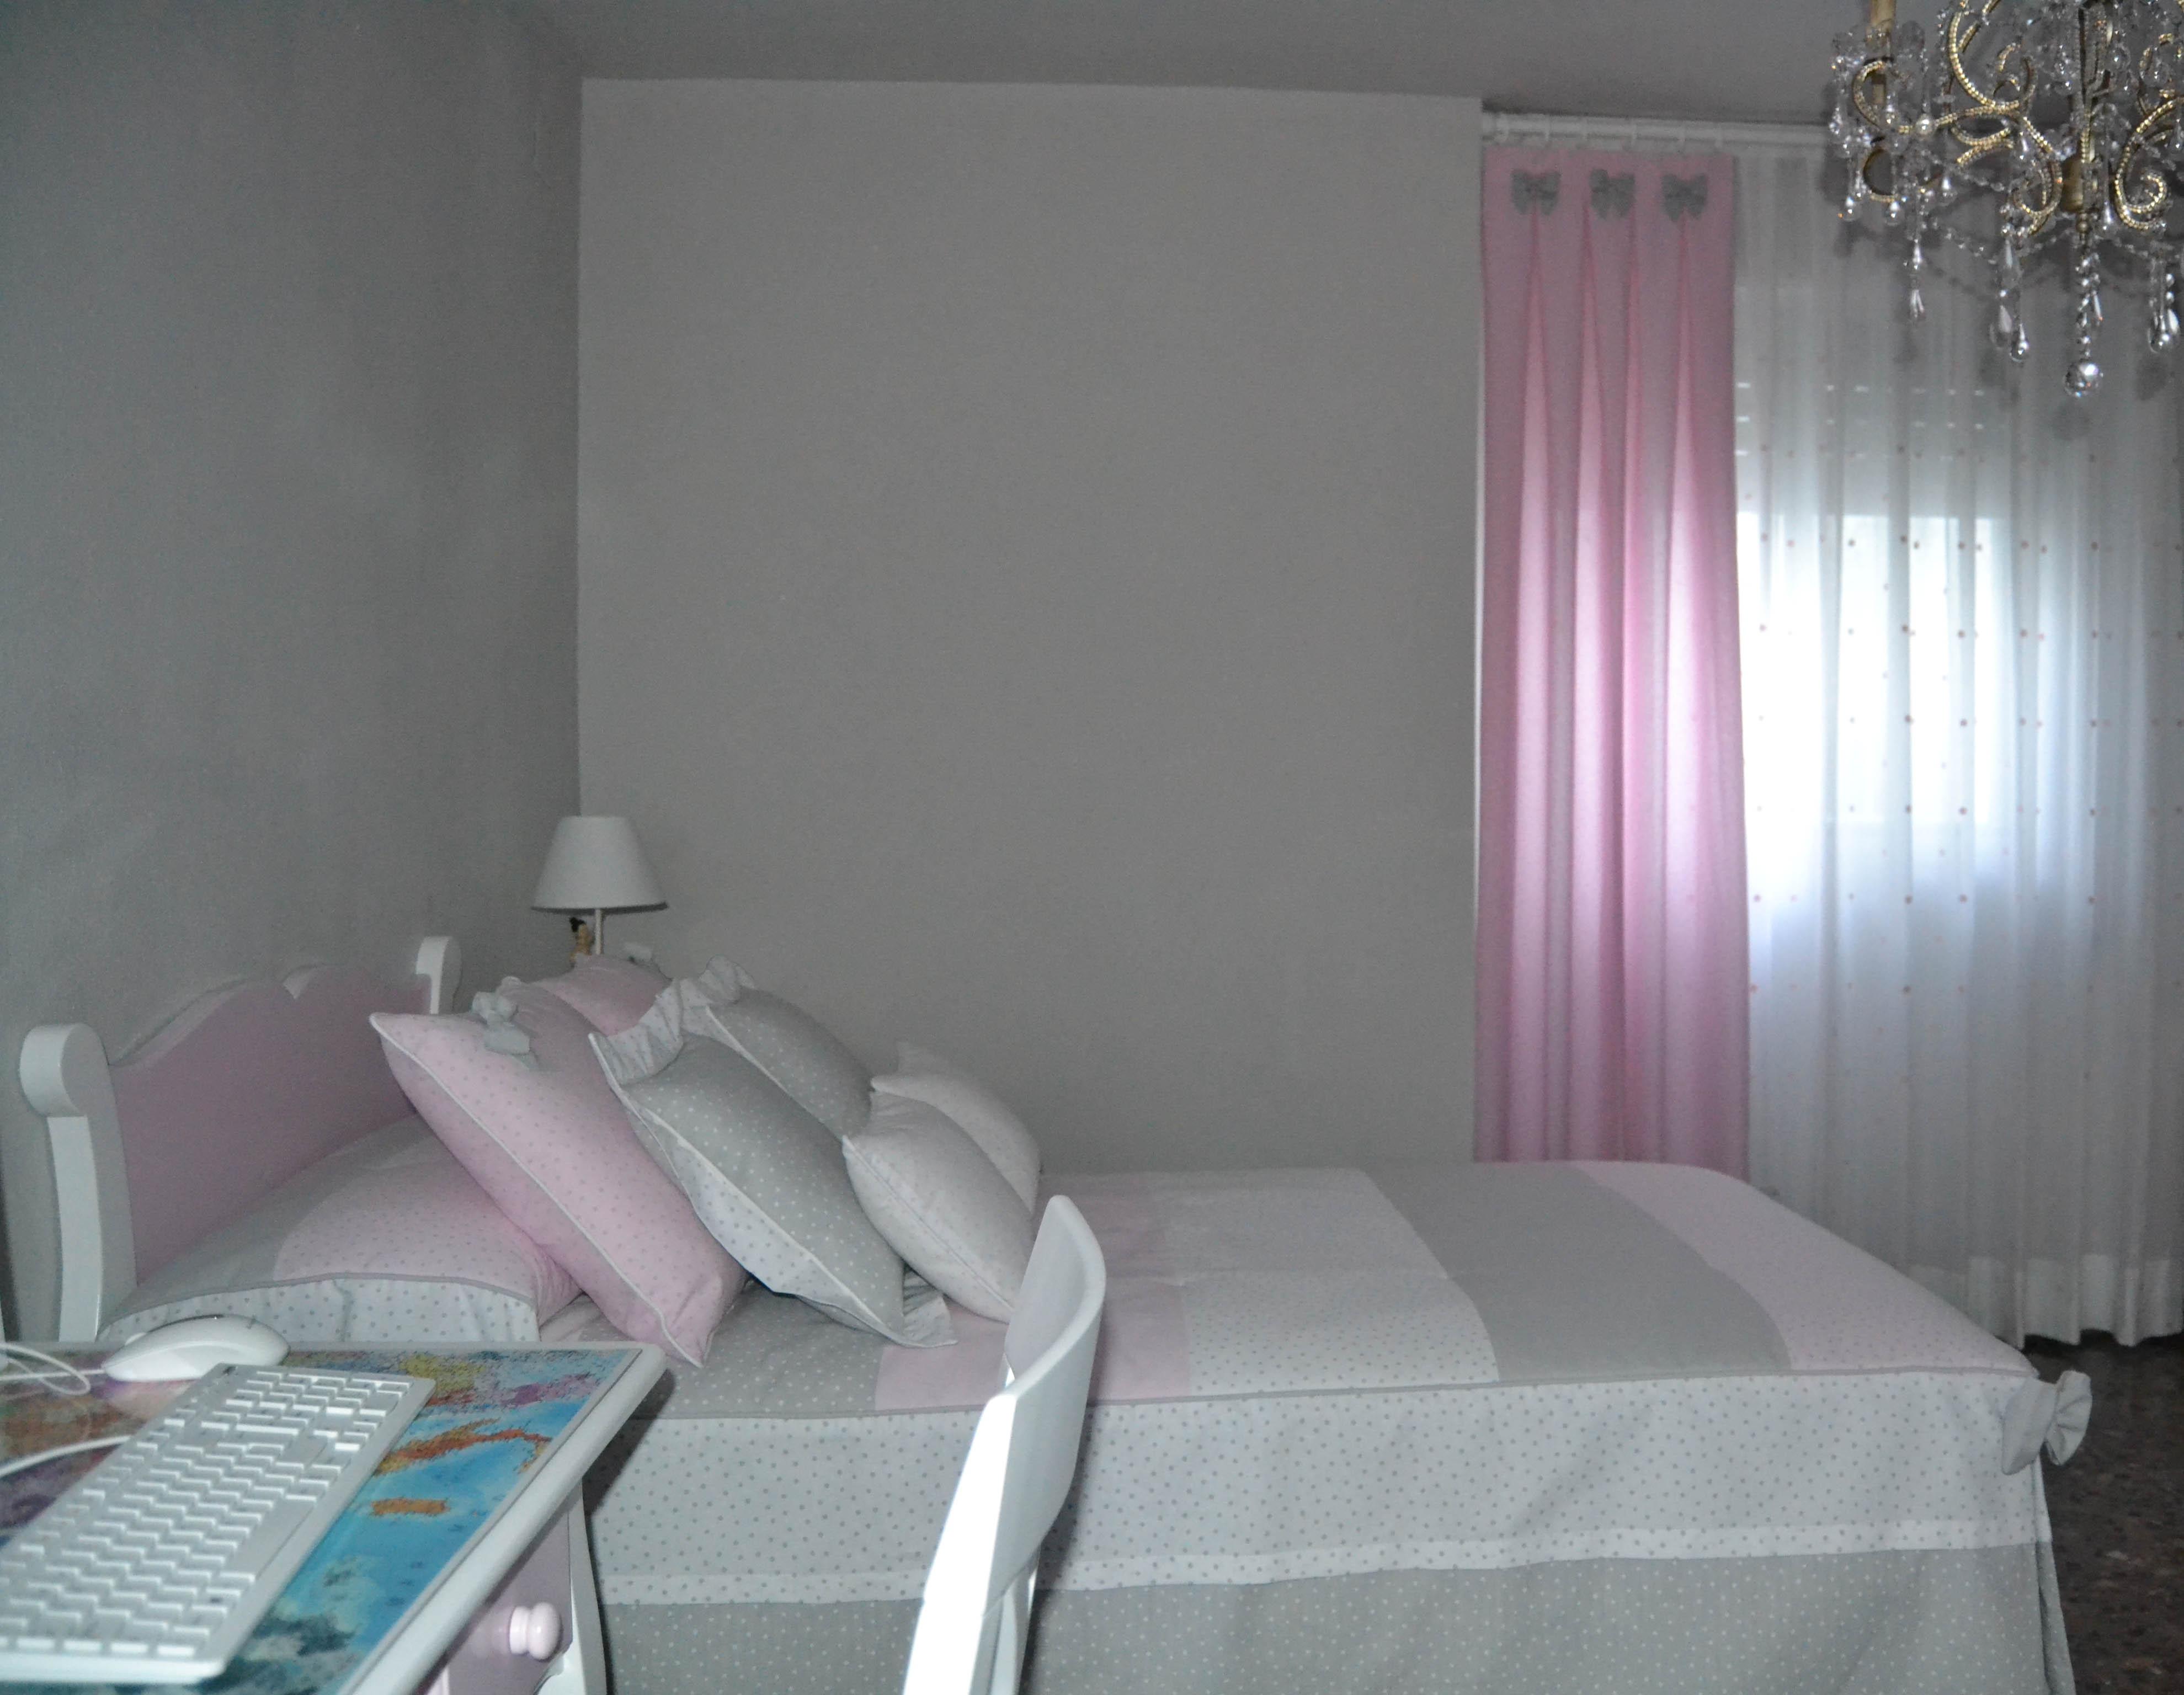 La preciosa habitaci n de aroha villalba interiorismo for Dormitorio gris y blanco